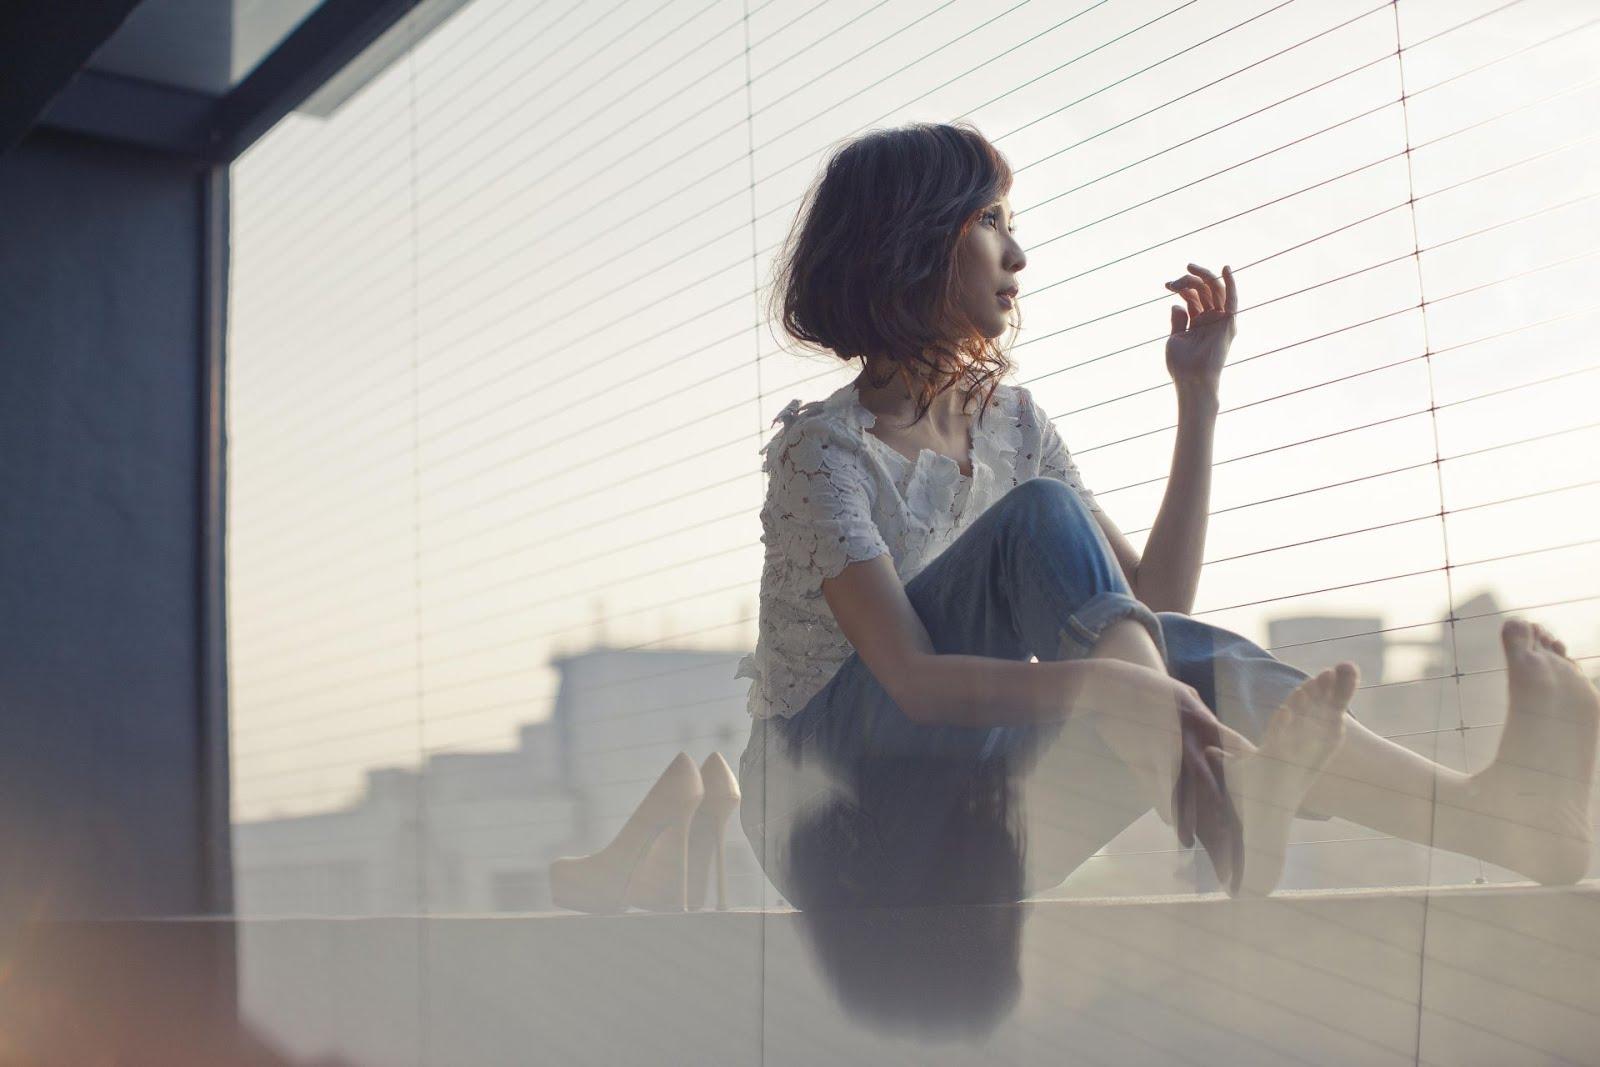 林凡2012 重新詮釋個唱生涯里程碑 重新演繹「一個人生活」 - WoWoNews